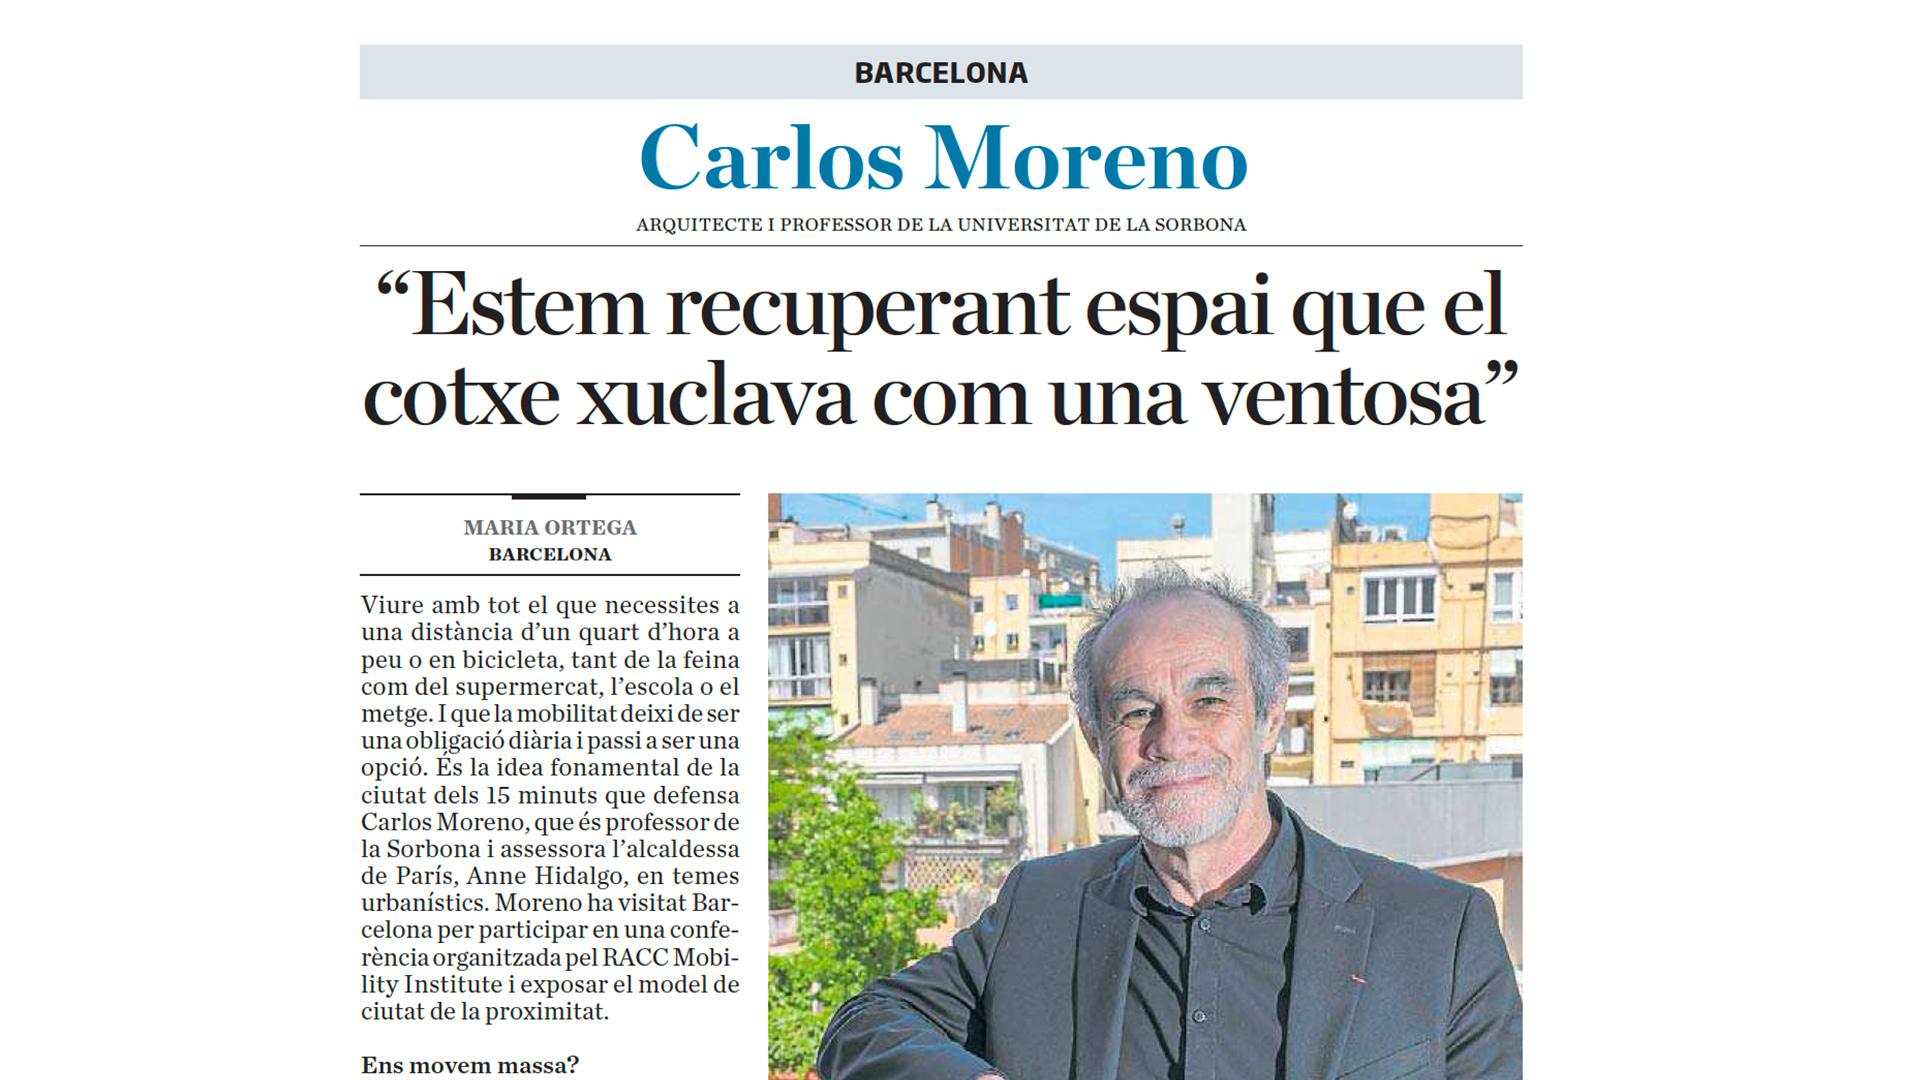 """Ara – """"Estem recuperant espai que el cotxe xuclava com una ventosa"""" – 23 mai 2021  (Espagne)"""